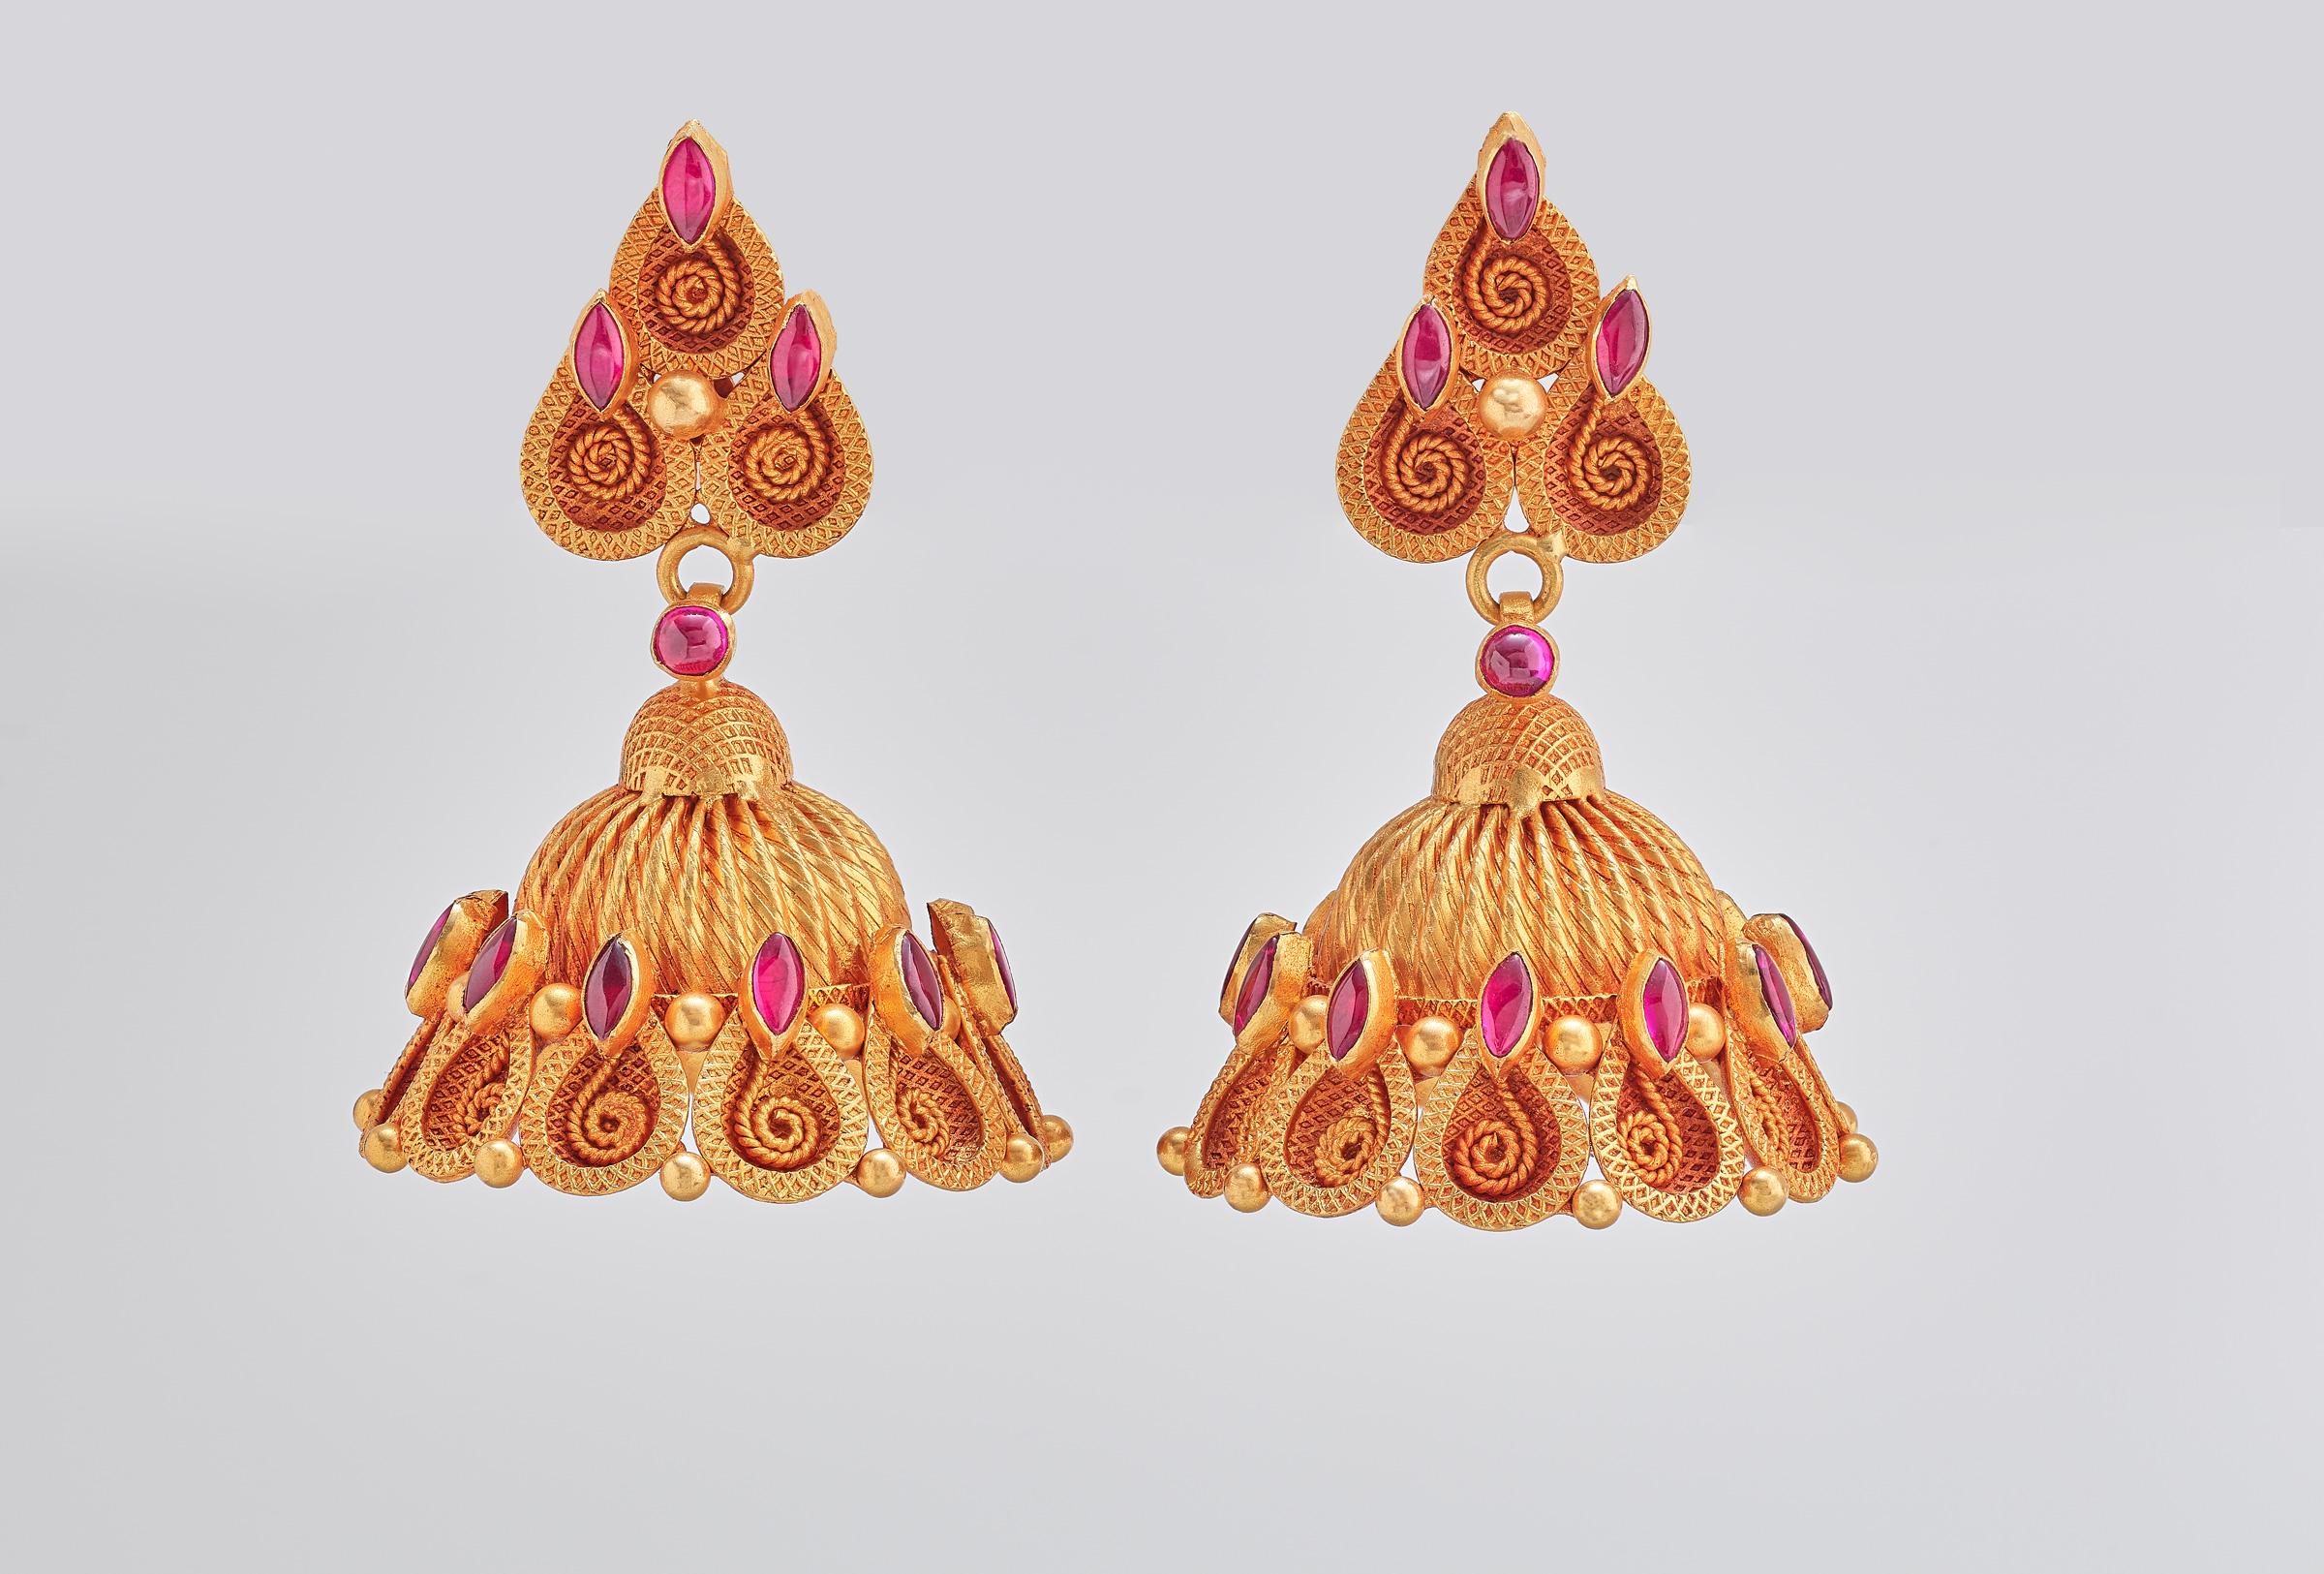 gold earrings(2)